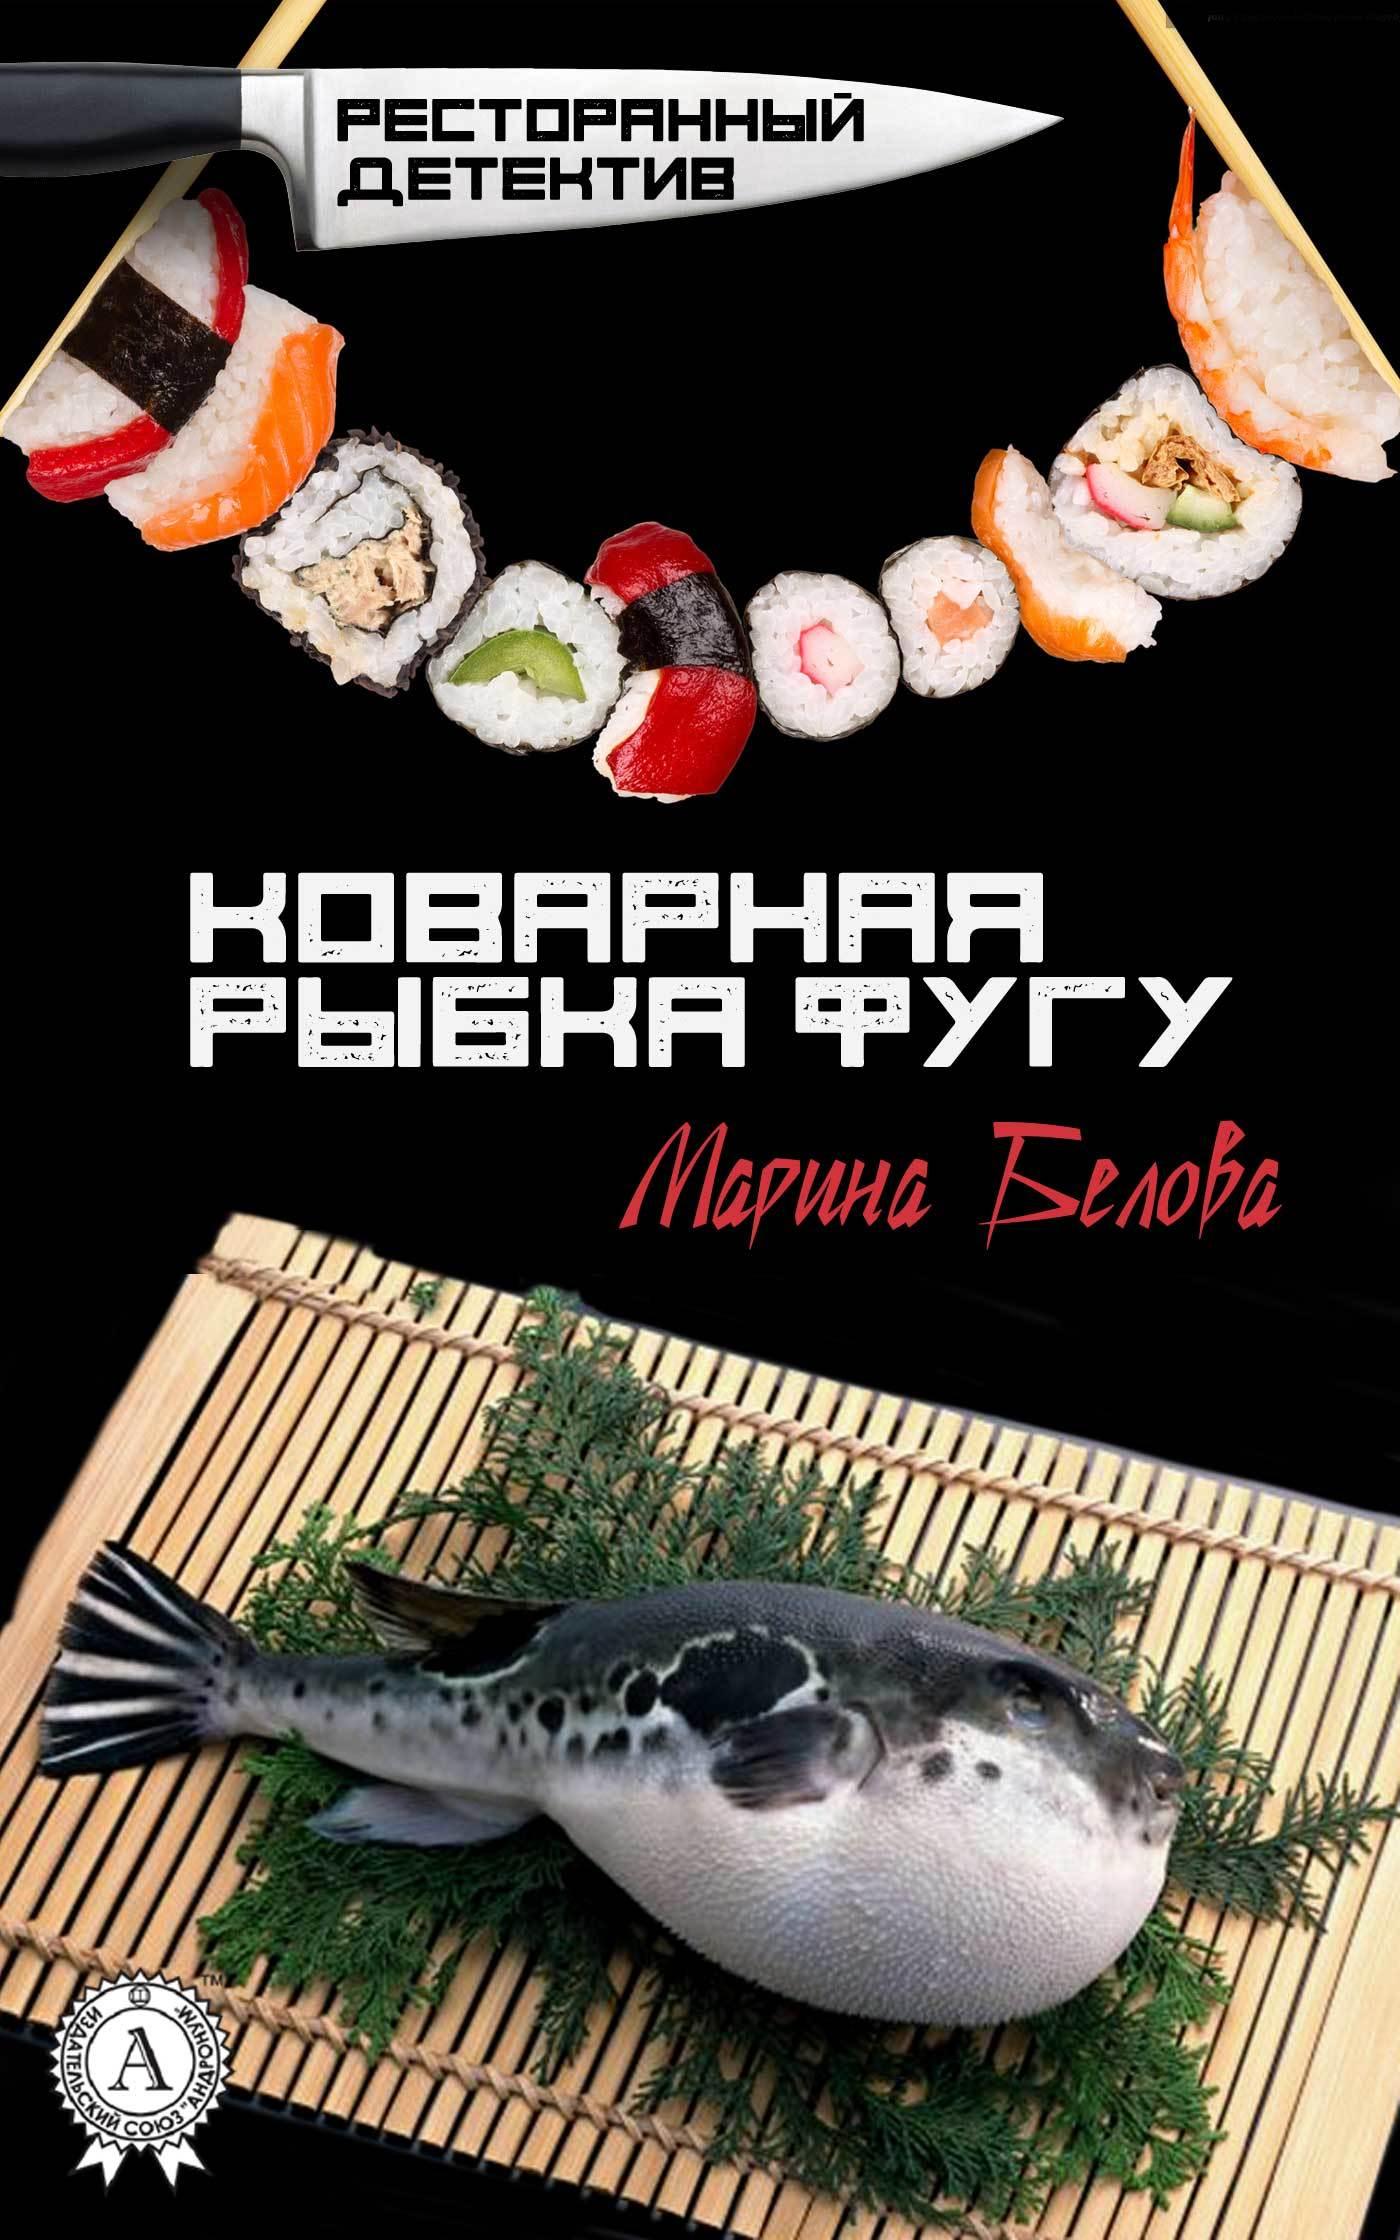 Коварная рыбка фугу развивается неторопливо и уверенно